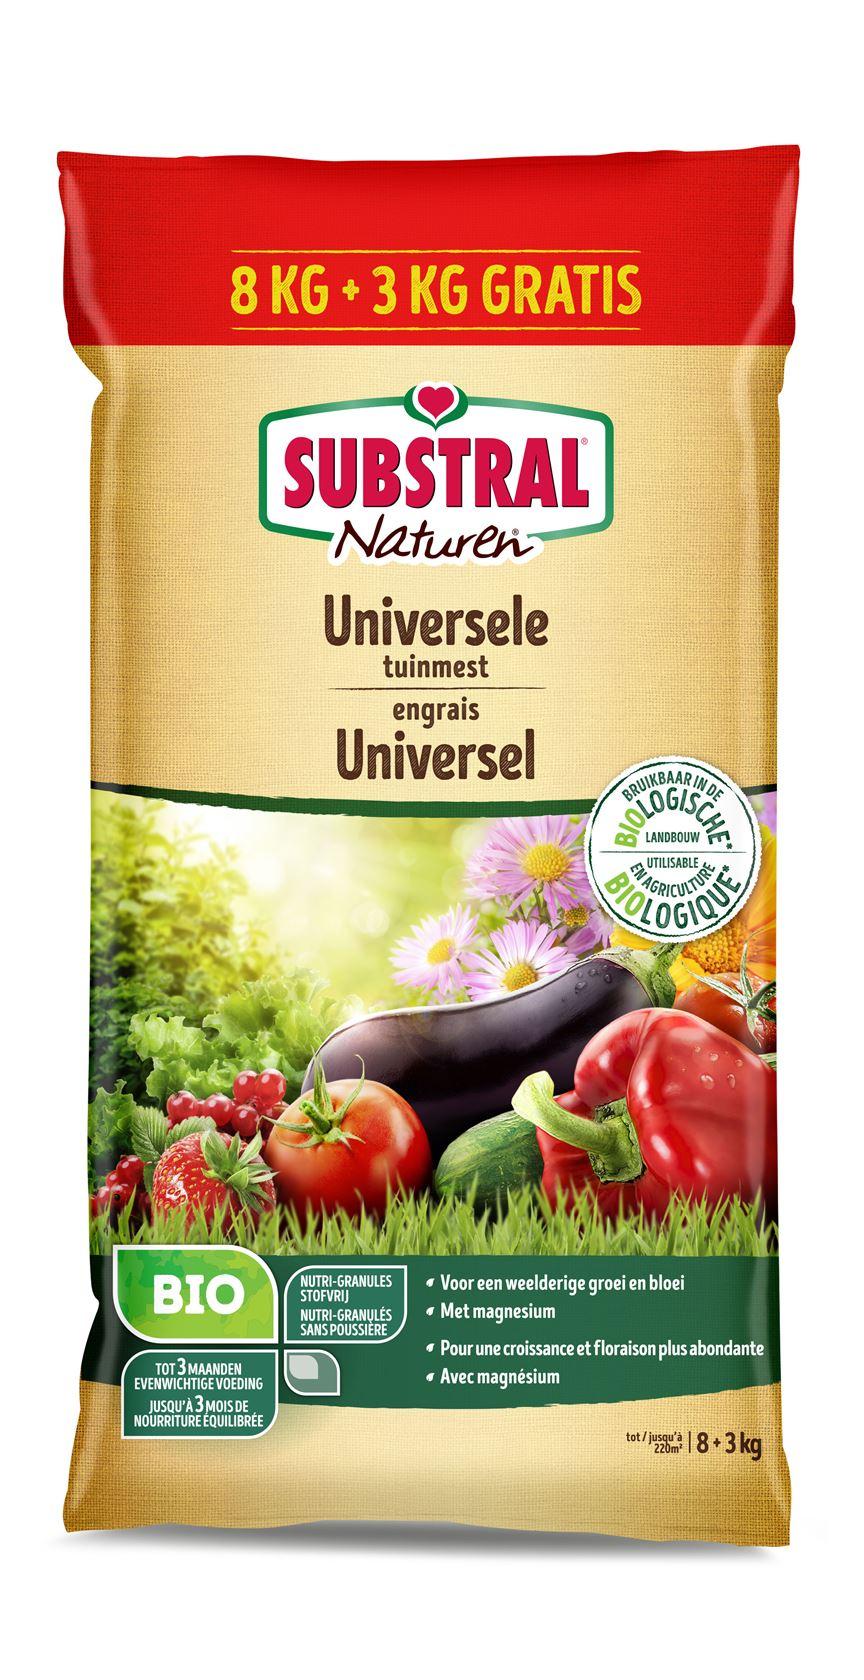 Substral-Naturen-Universele-Tuinmest-8kg-3kg-gratis